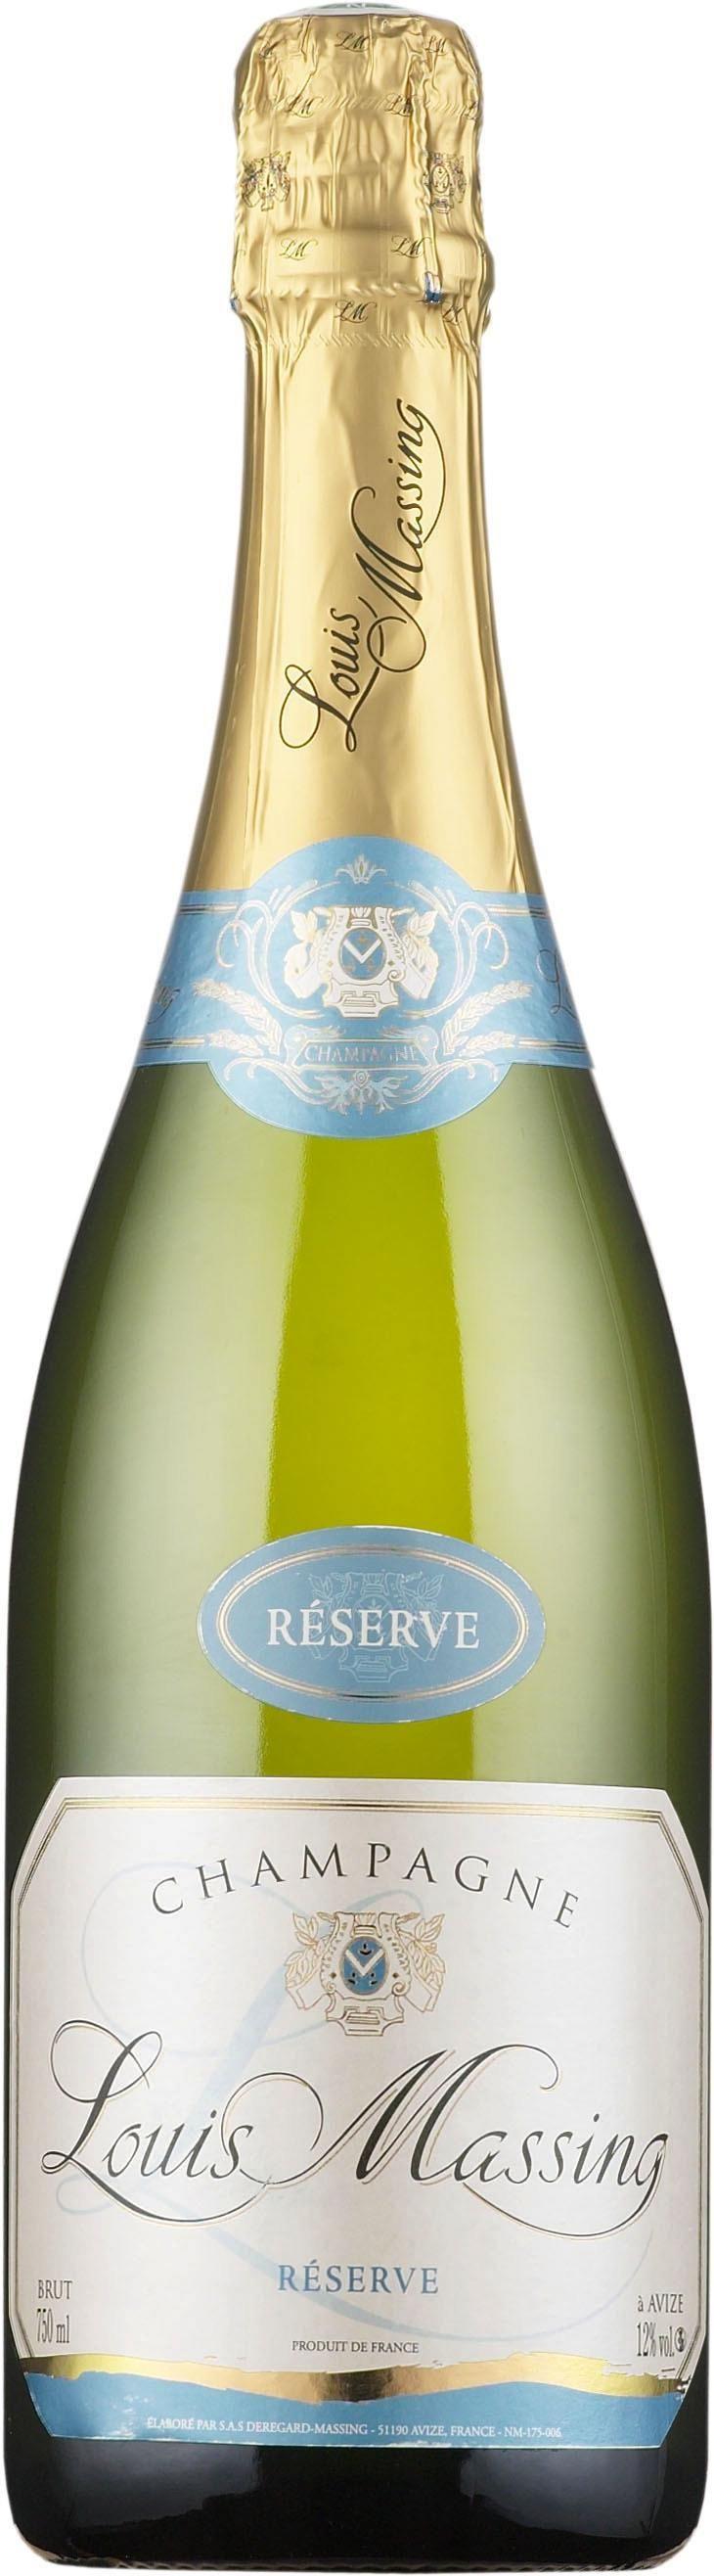 Louis Massing Réserve Champagne Brut. France: Pinot meunier, Chardonnay. 27,50 €. Erittäin kuiva, keskihapokas, hedelmäinen, keltaluumuinen, hennon paahteinen, kevyen mineraalinen